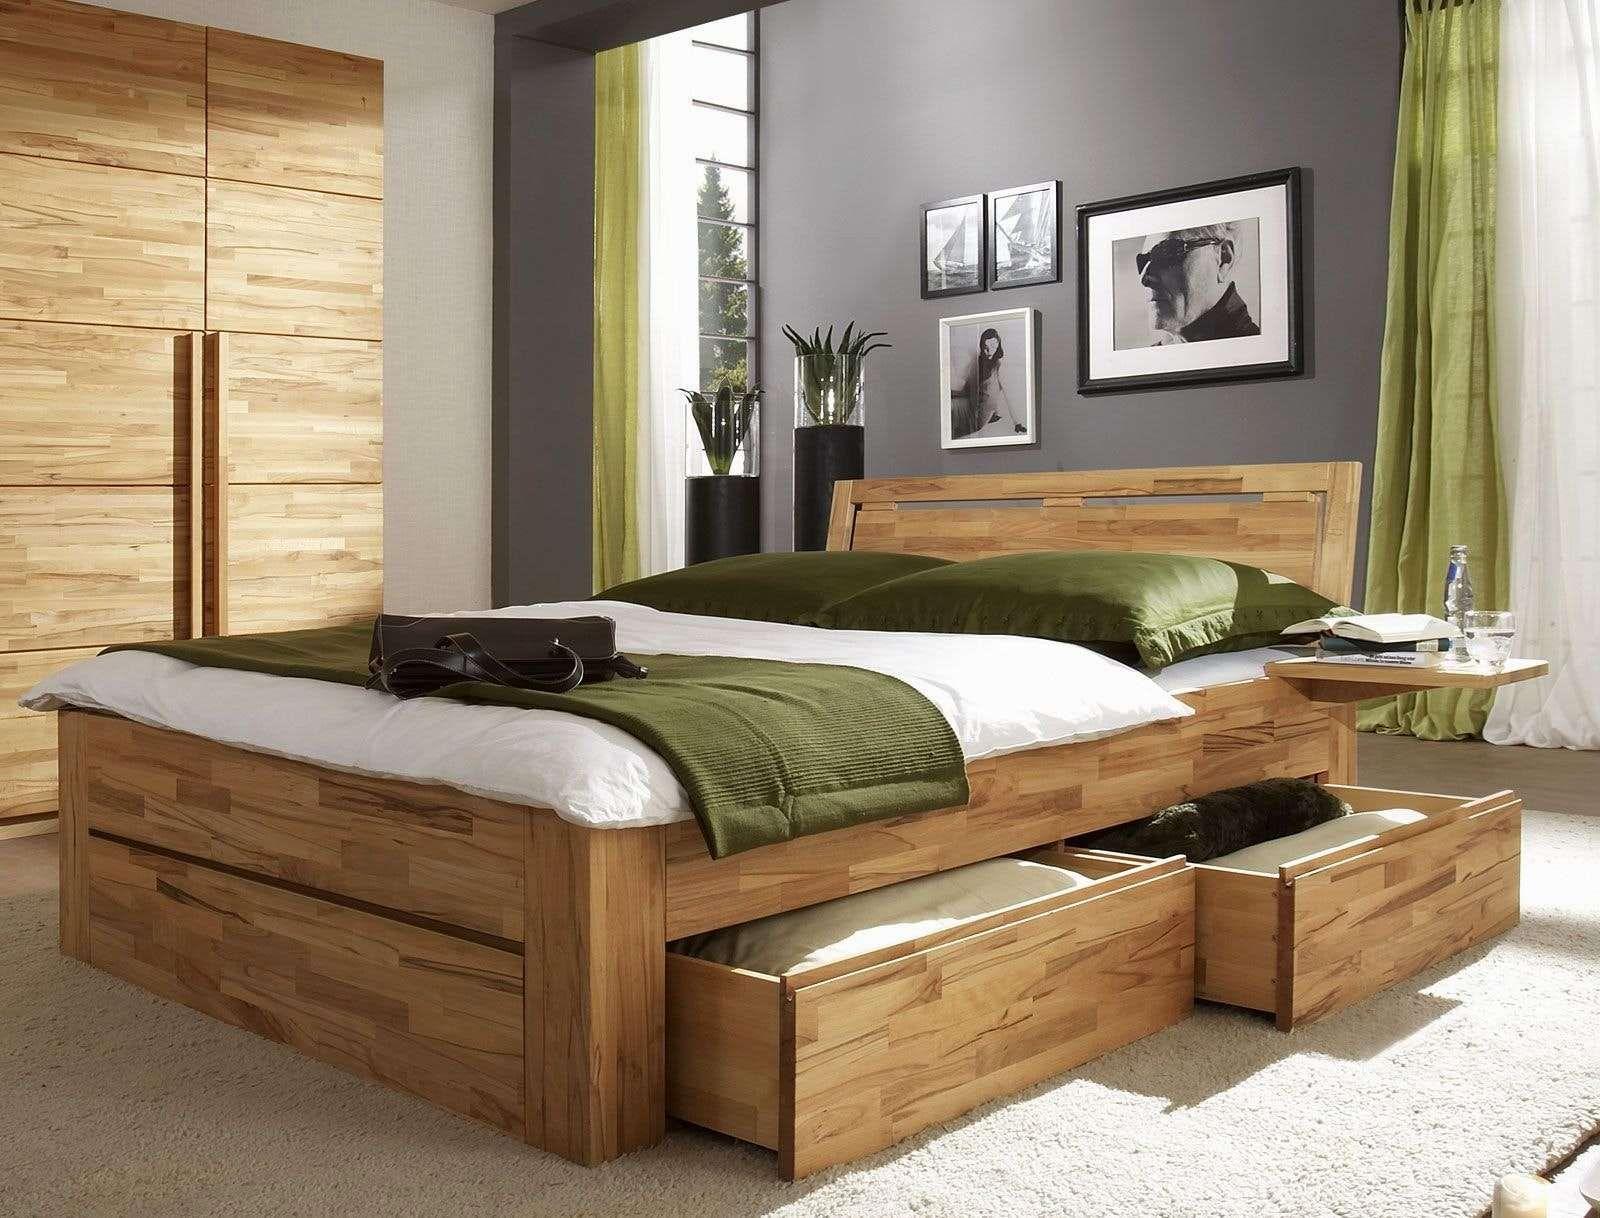 Schlafzimmer Bett Ebay Idees De Design D Interieur Chambre A Coucher Romantique Lit Rangement